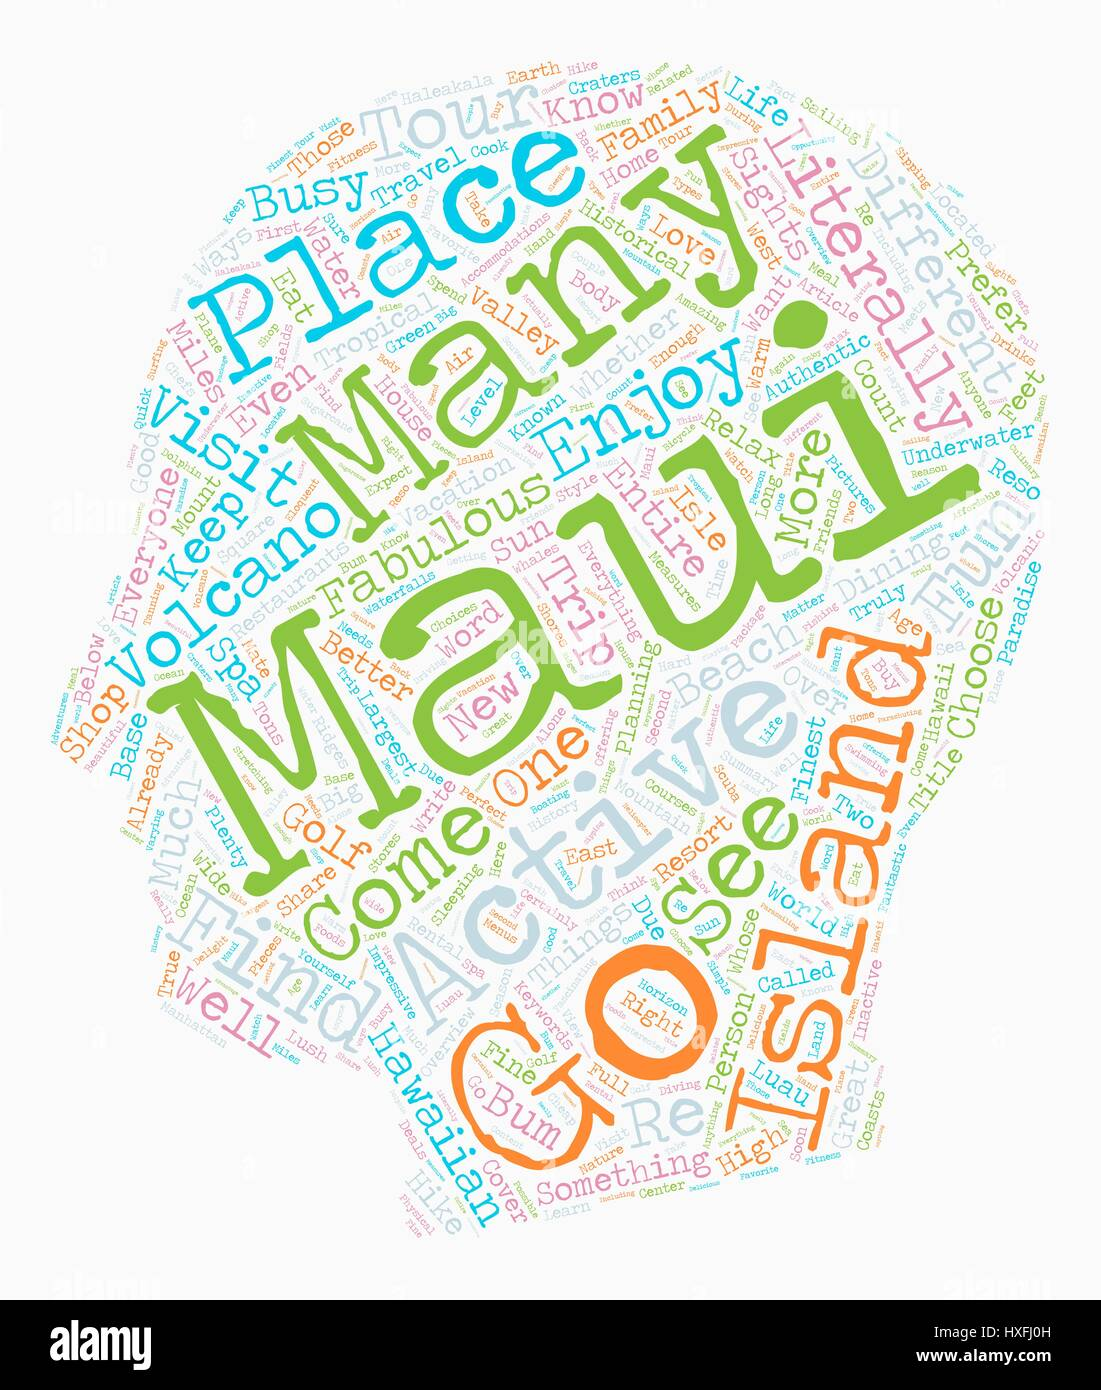 Maui diversión para todos fondo de texto wordcloud concepto Ilustración del Vector